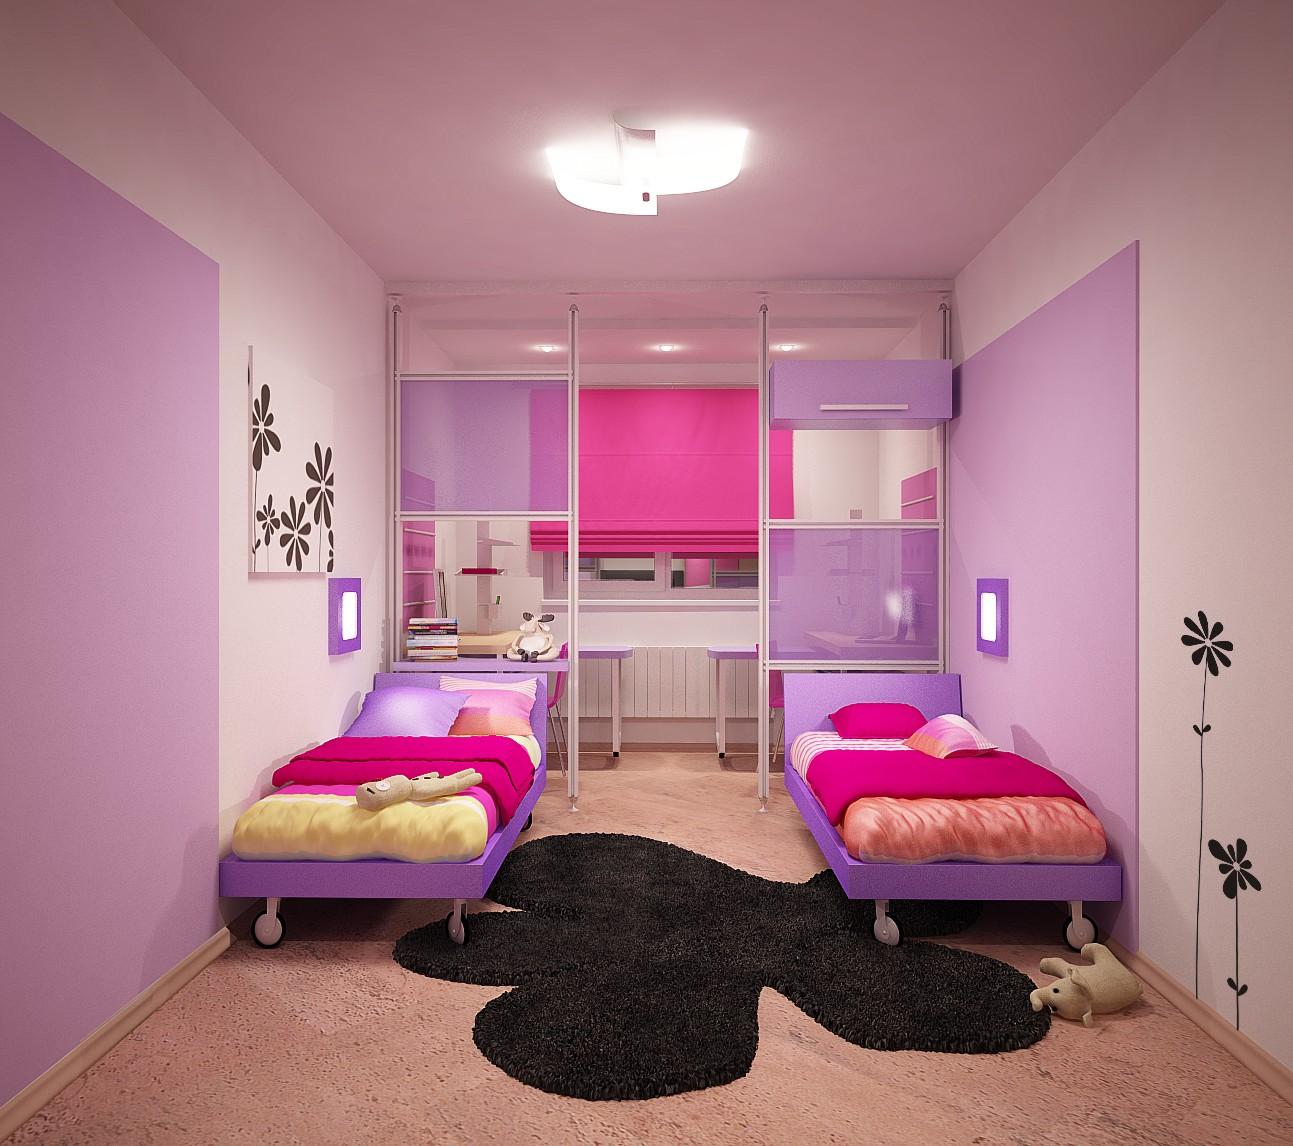 дизайн комнаты для двух девочек подростков в современном стиле 5